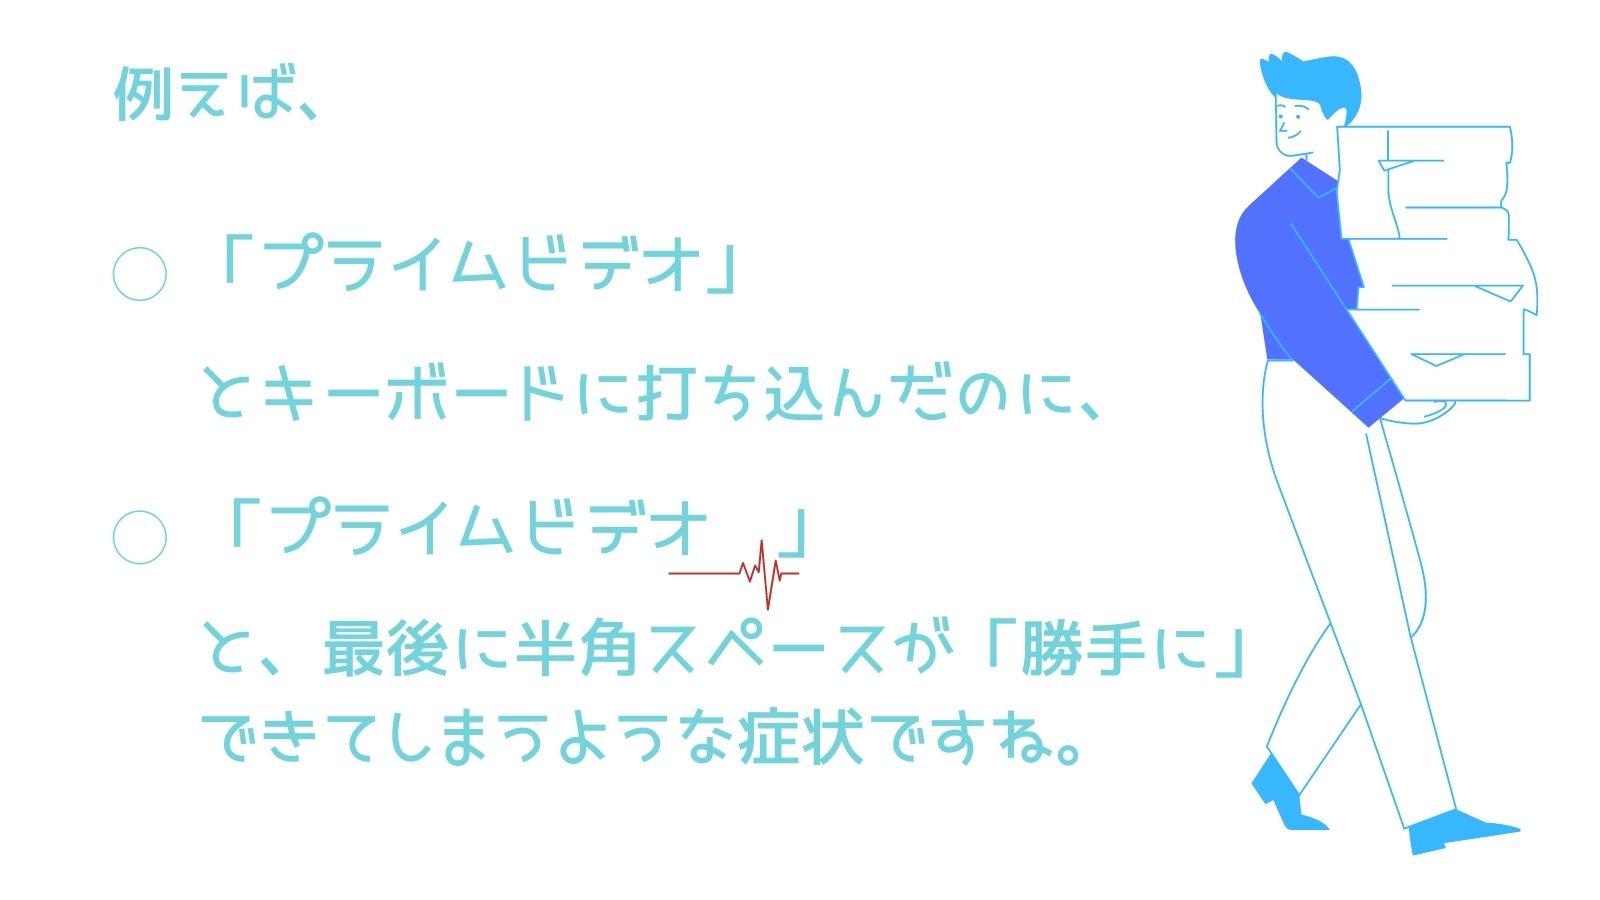 【対処法を3つ】Mac文字変換で半角スペースが勝手に入ってしまう「超簡単に解決できます!」の説明画像